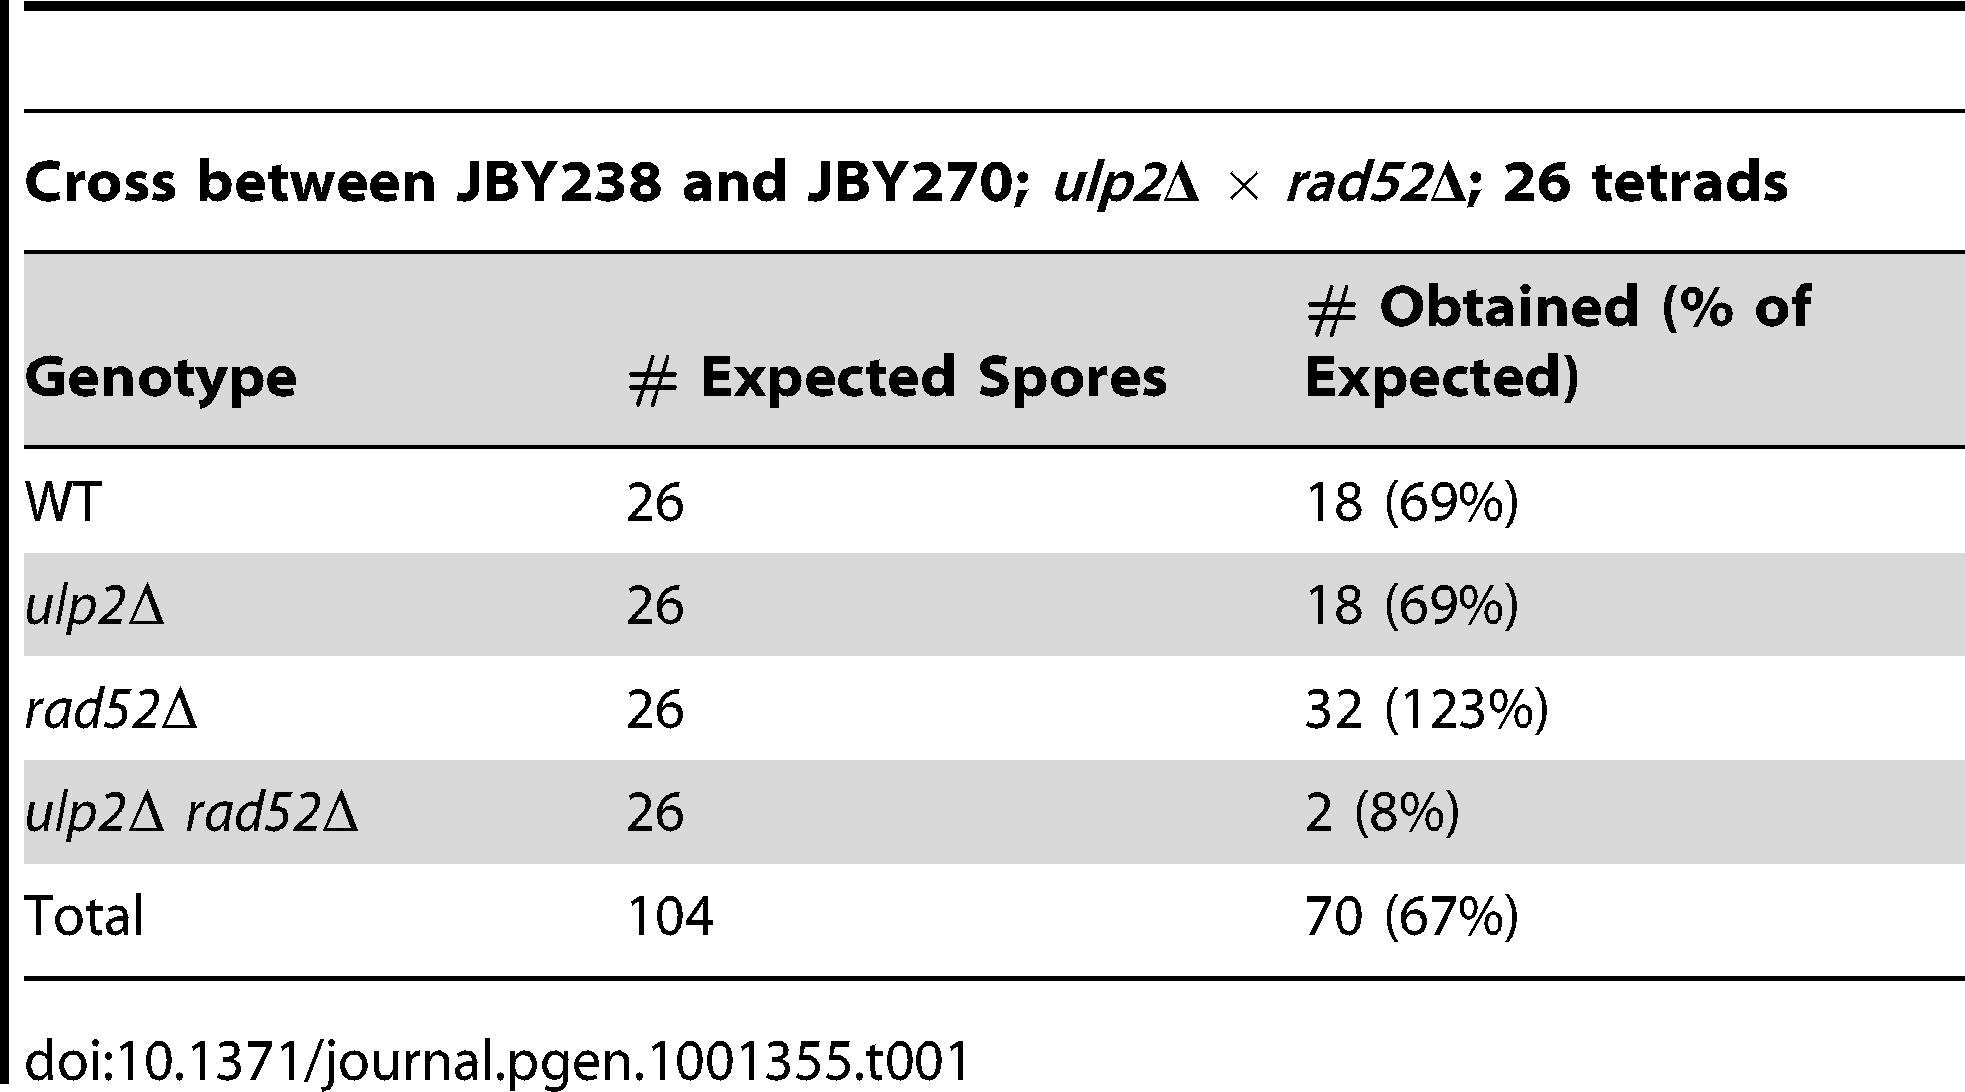 Genetic interactions between <i>ulp2</i>Δ and <i>rad52</i>Δ mutants.